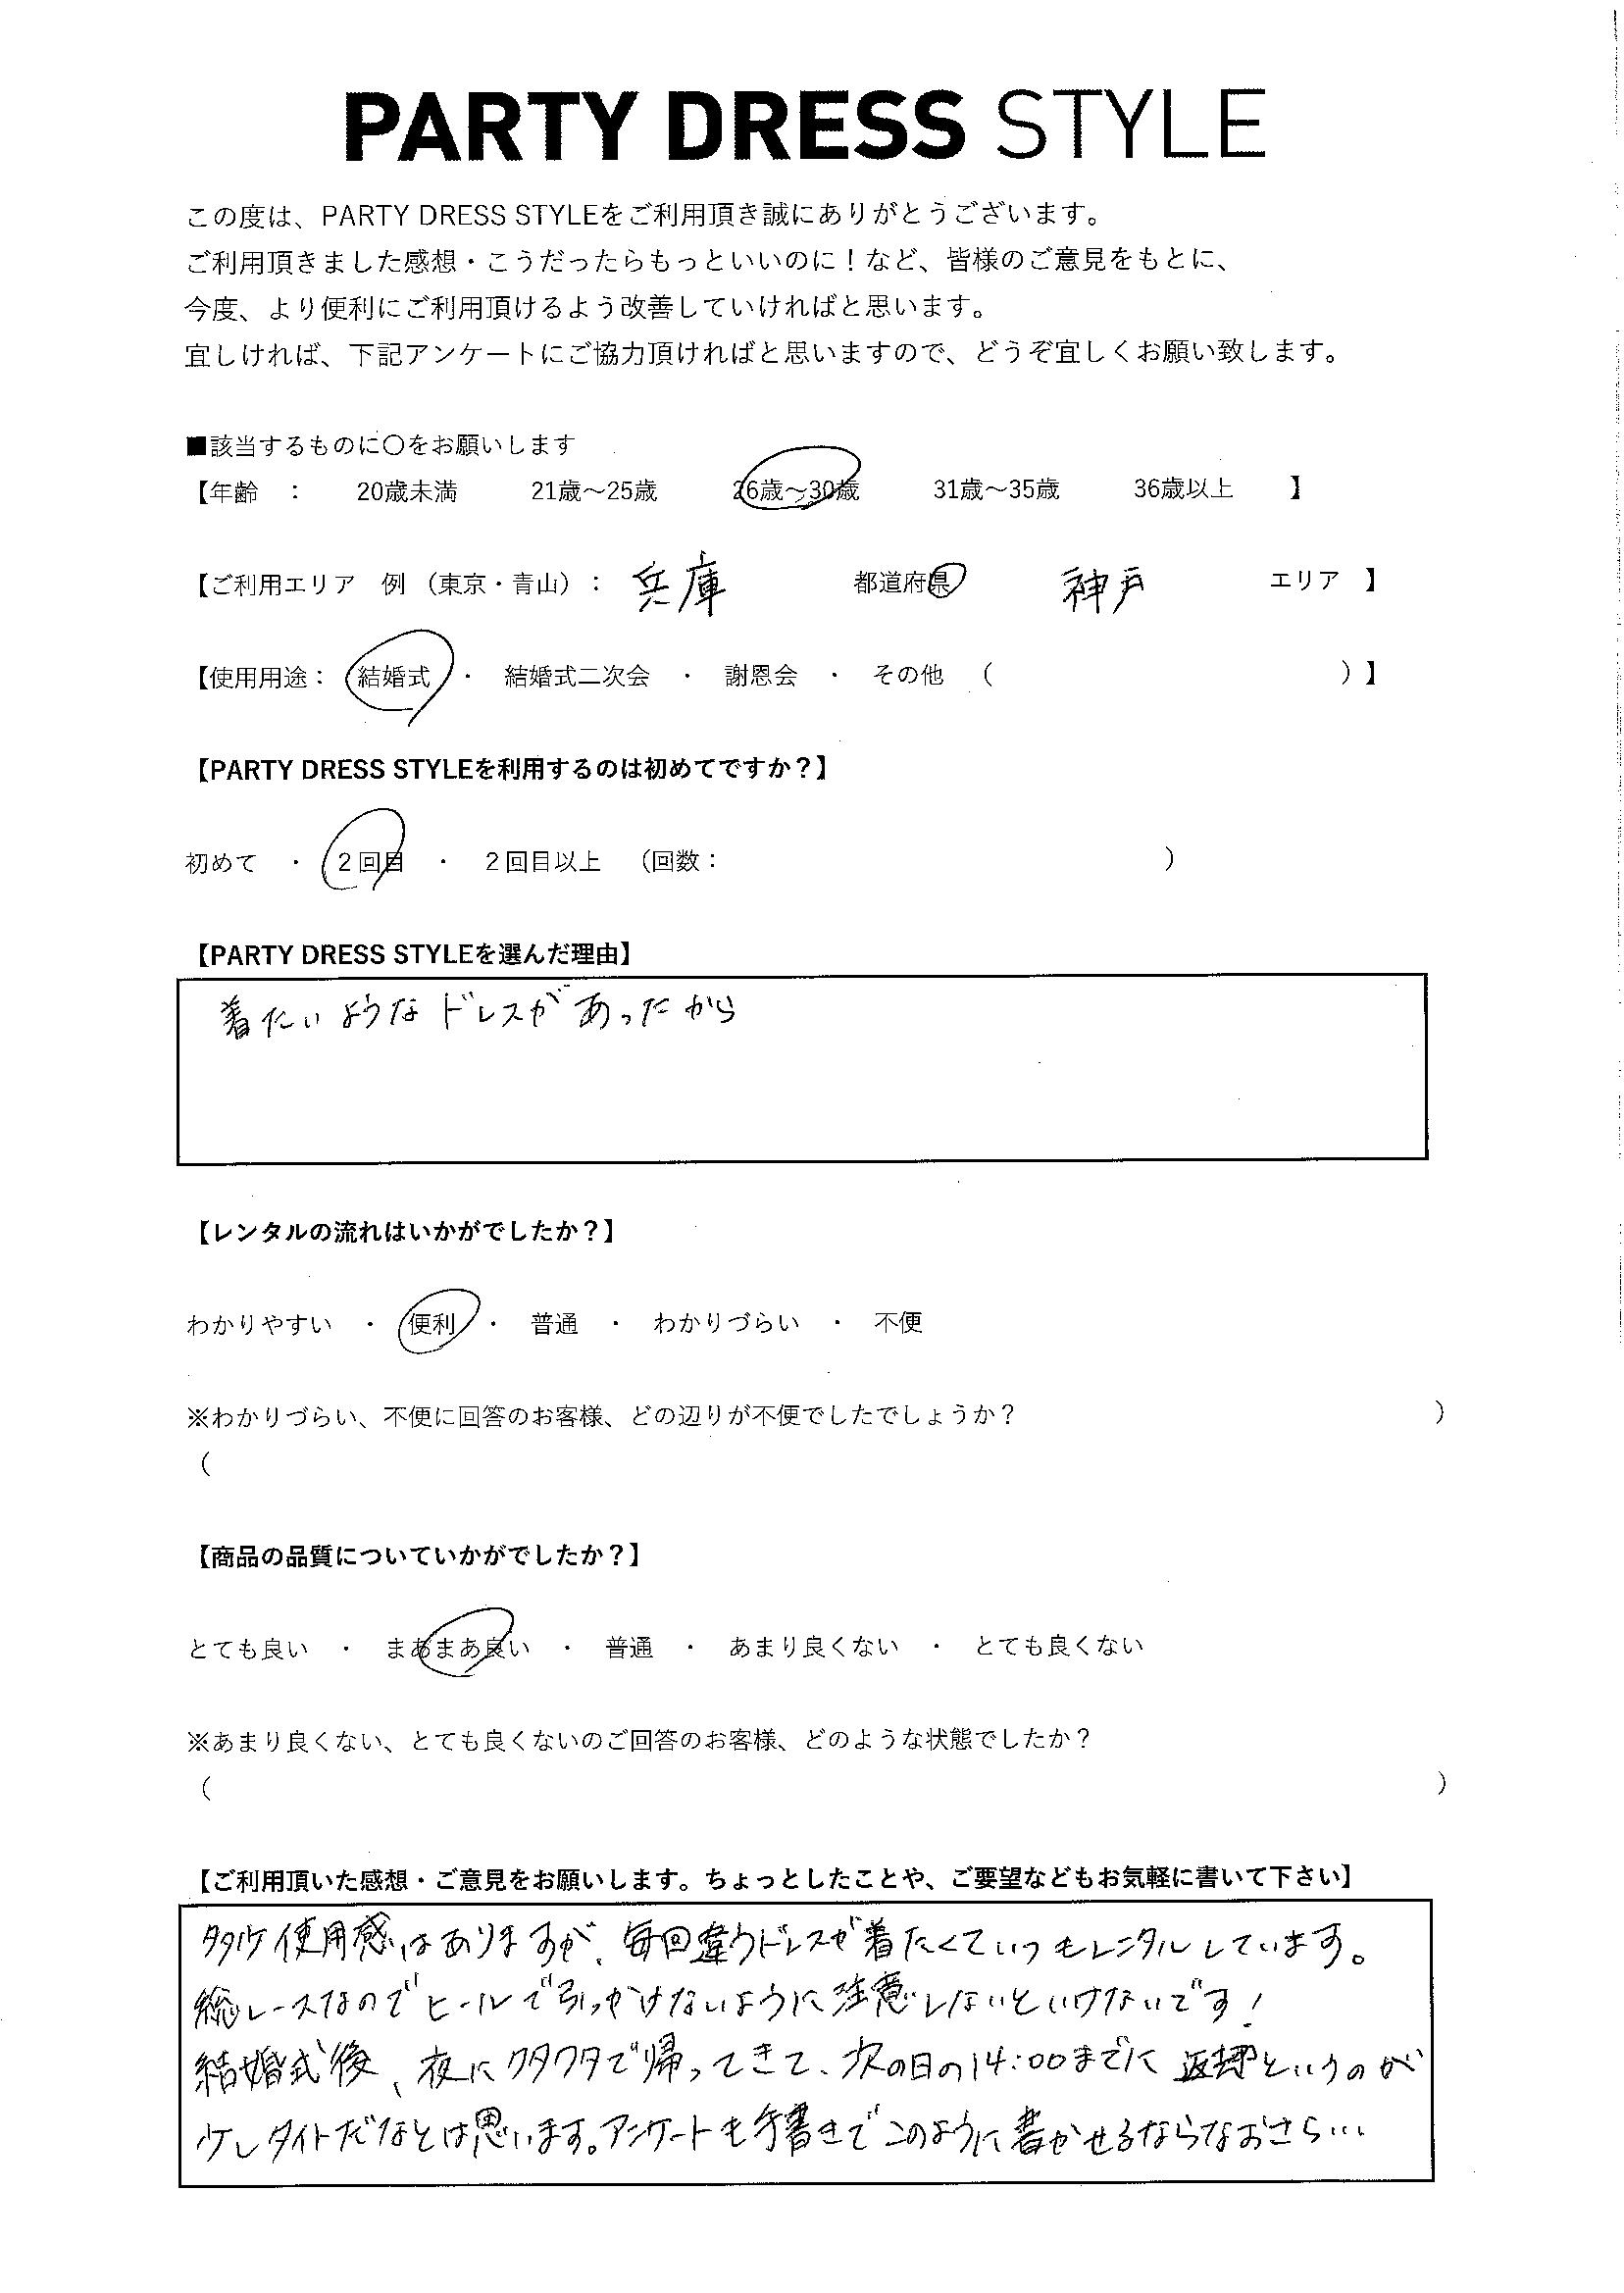 6/20結婚式ご利用 兵庫・神戸エリア